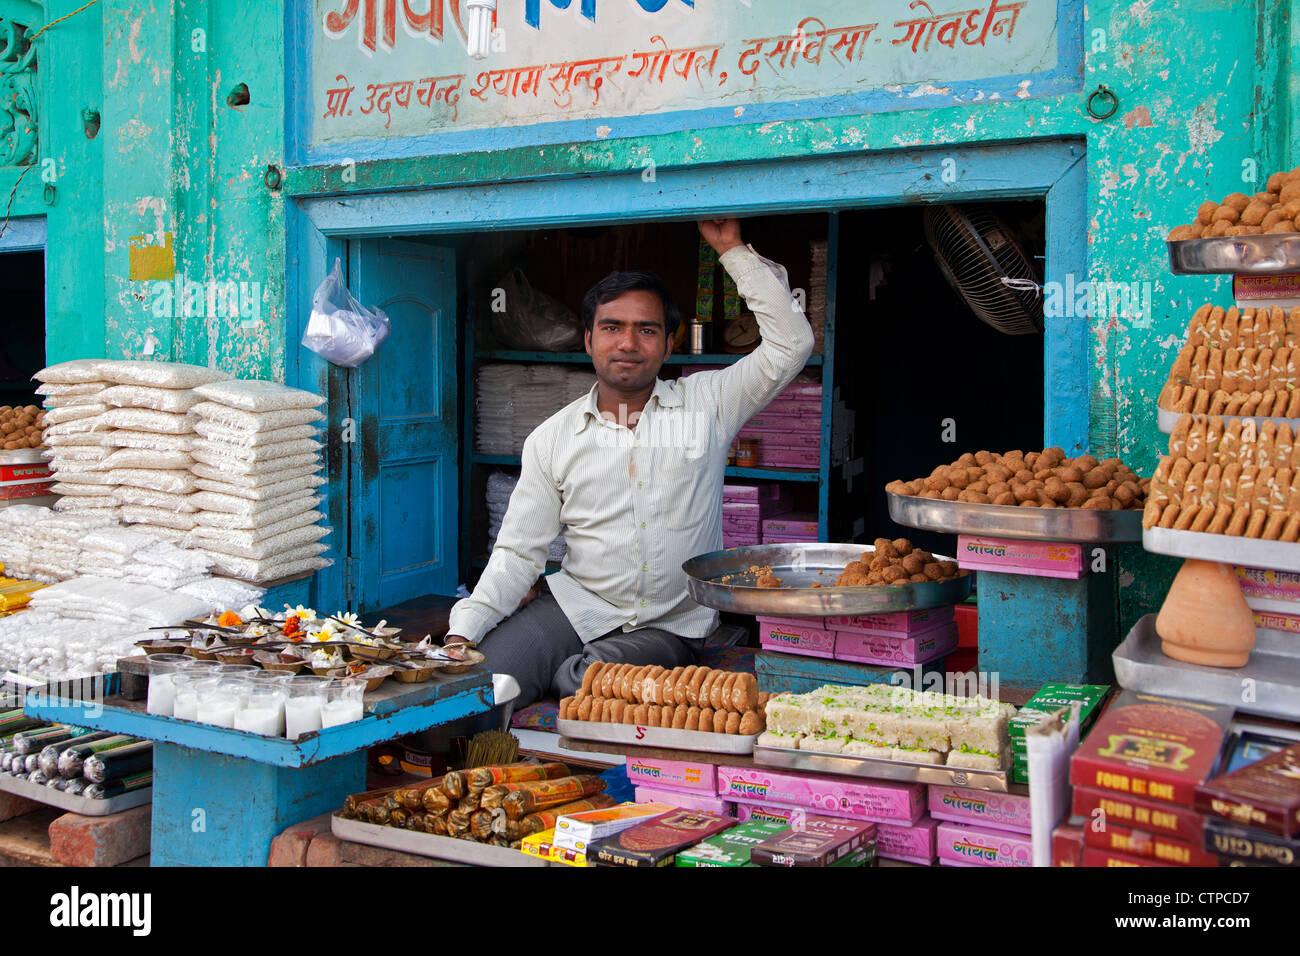 Negoziante di dolciumi in Govardhan, Uttar Pradesh, India Immagini Stock